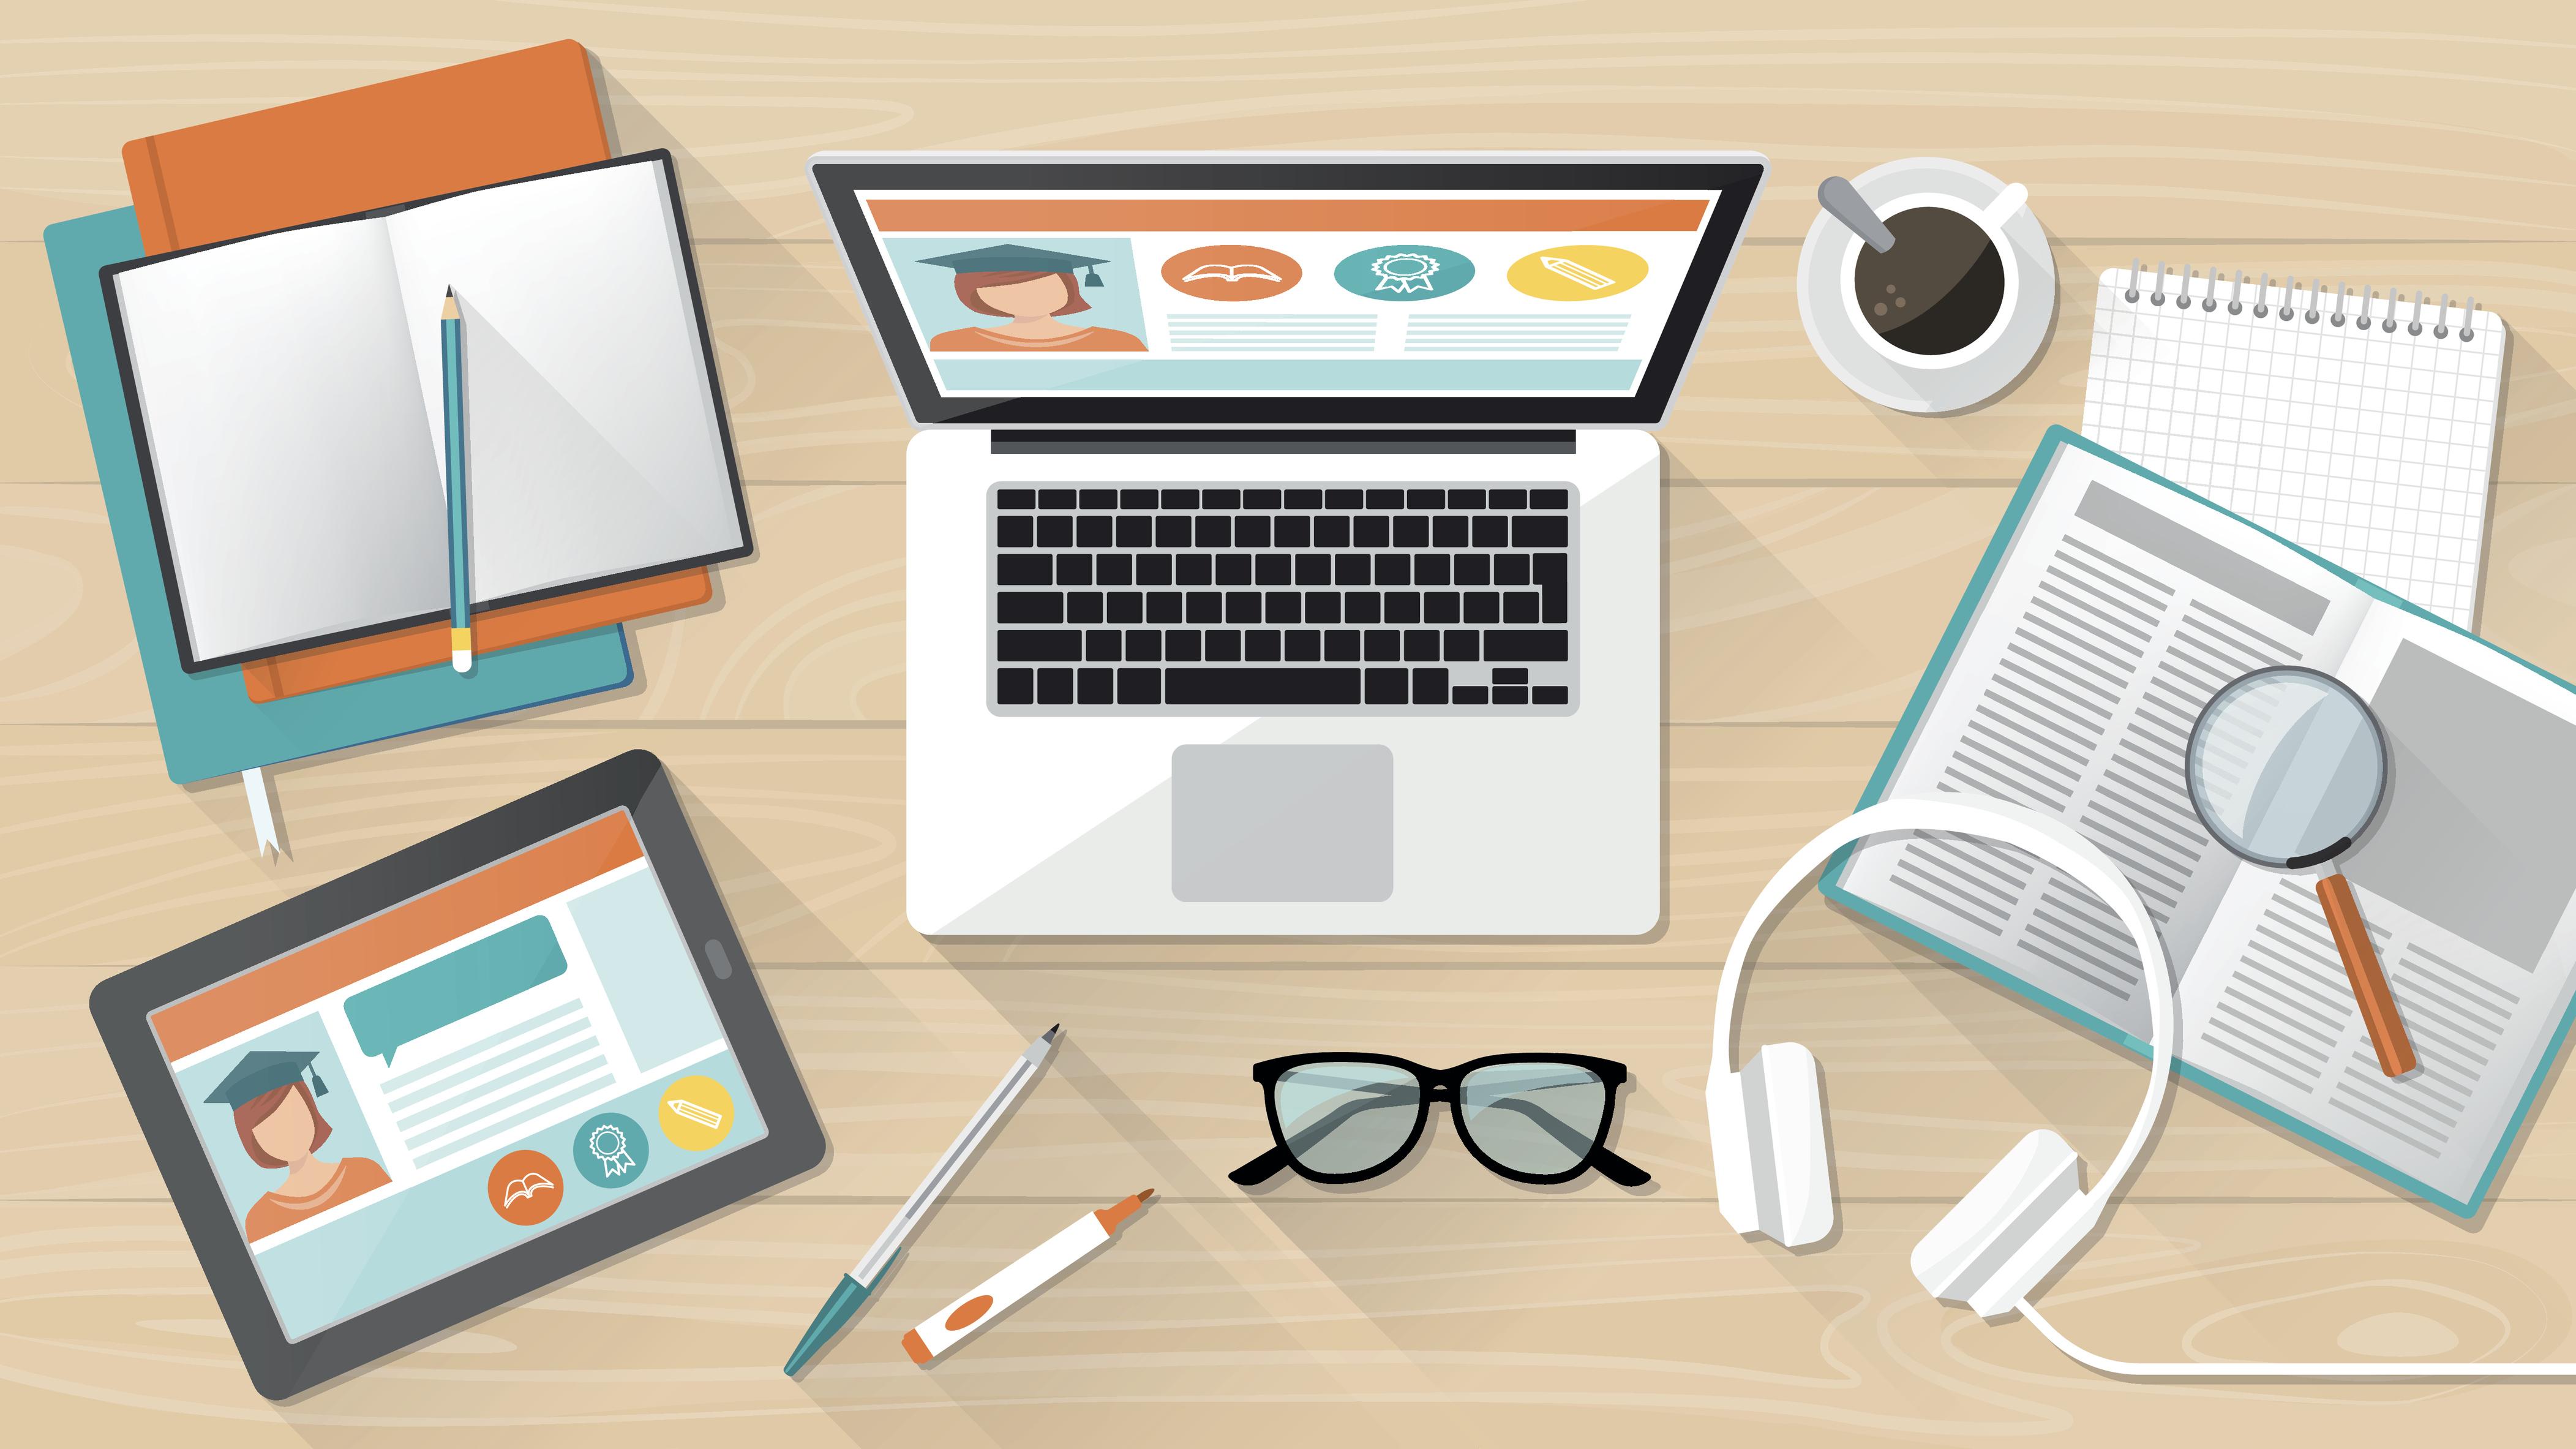 نحوه ساخت برنامه های آموزشی آنلاین